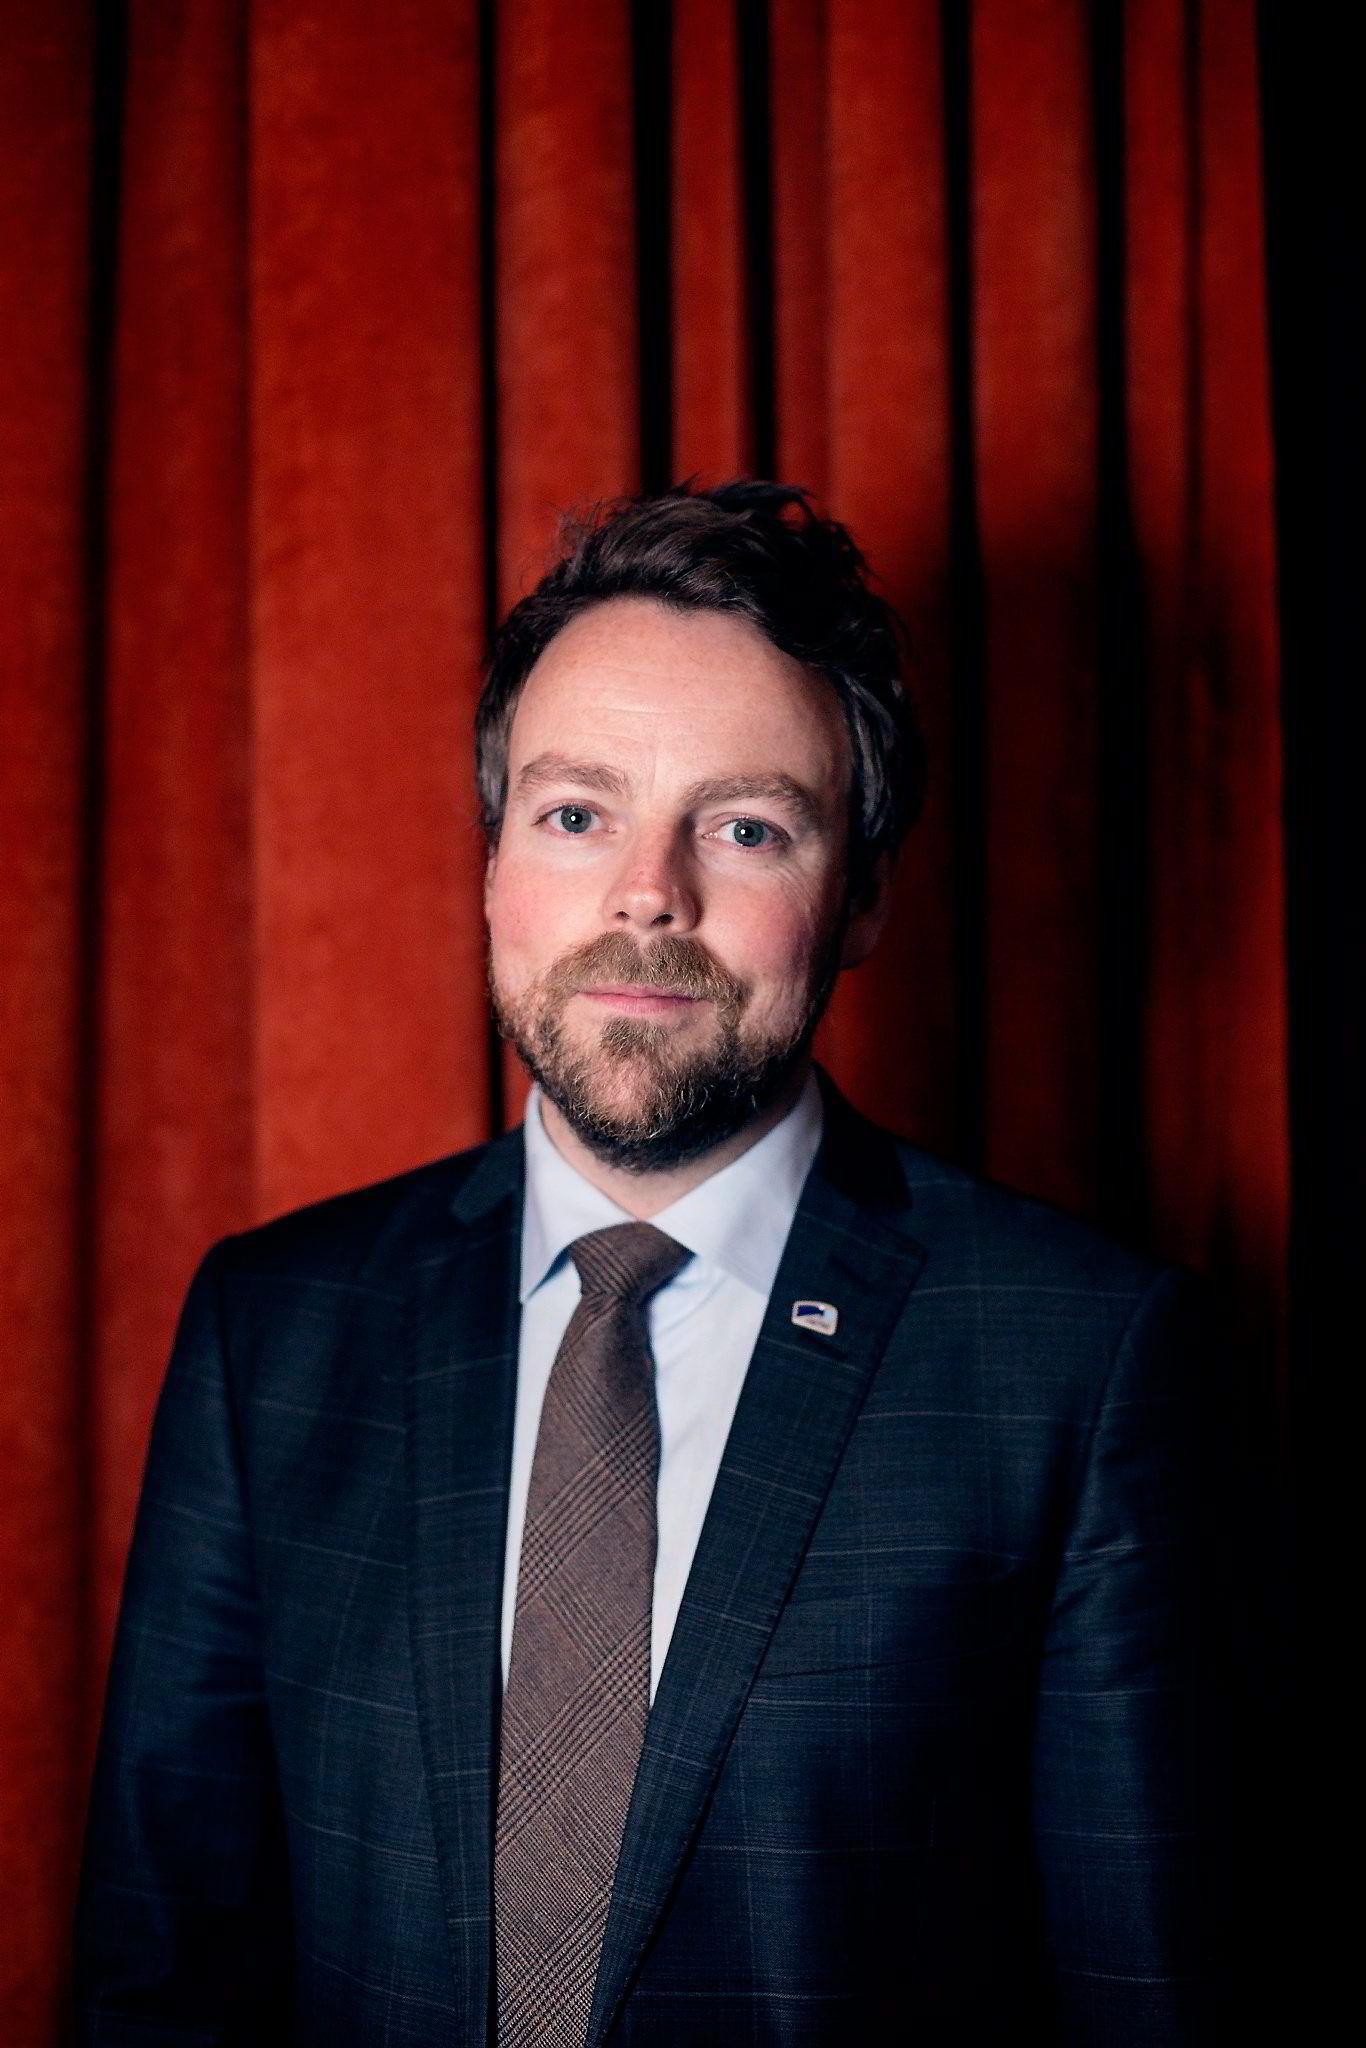 Kunnskapsminister Torbjørn Røe Isaksen har høstet kritikk for unnvikende svar om Westerdals. Nå krever han tilbakebetaling og anmelder skolen til Økokrim.